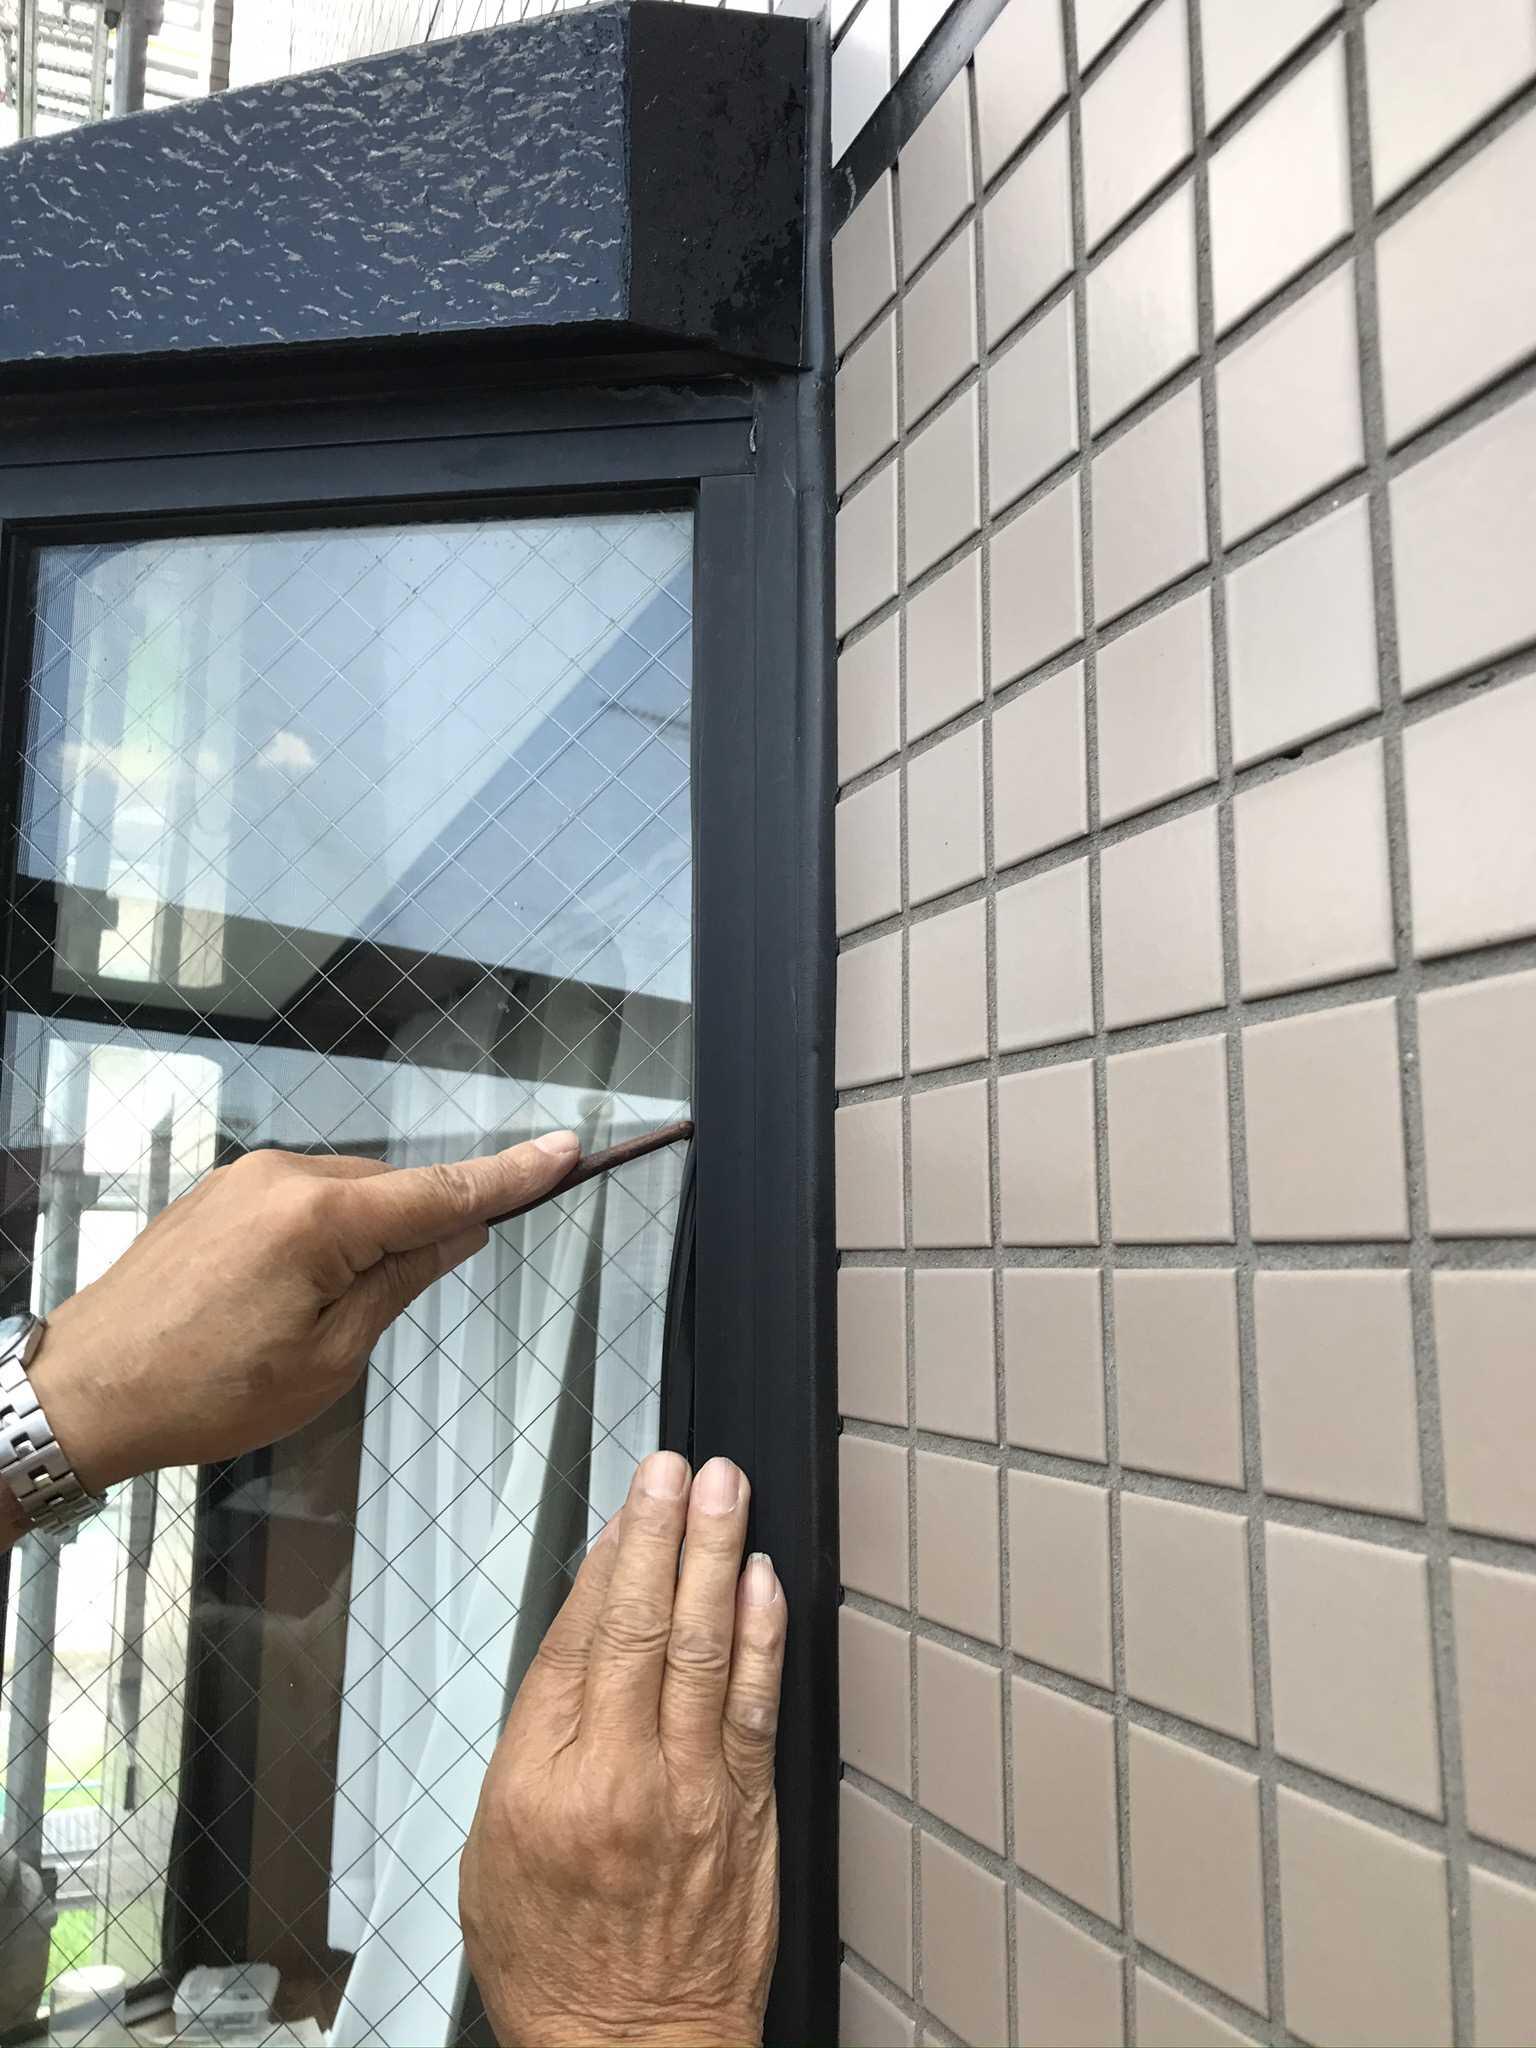 さいたま市北区マンションで劣化した窓ガラス止めゴムパッキンを歯止めを使い交換中